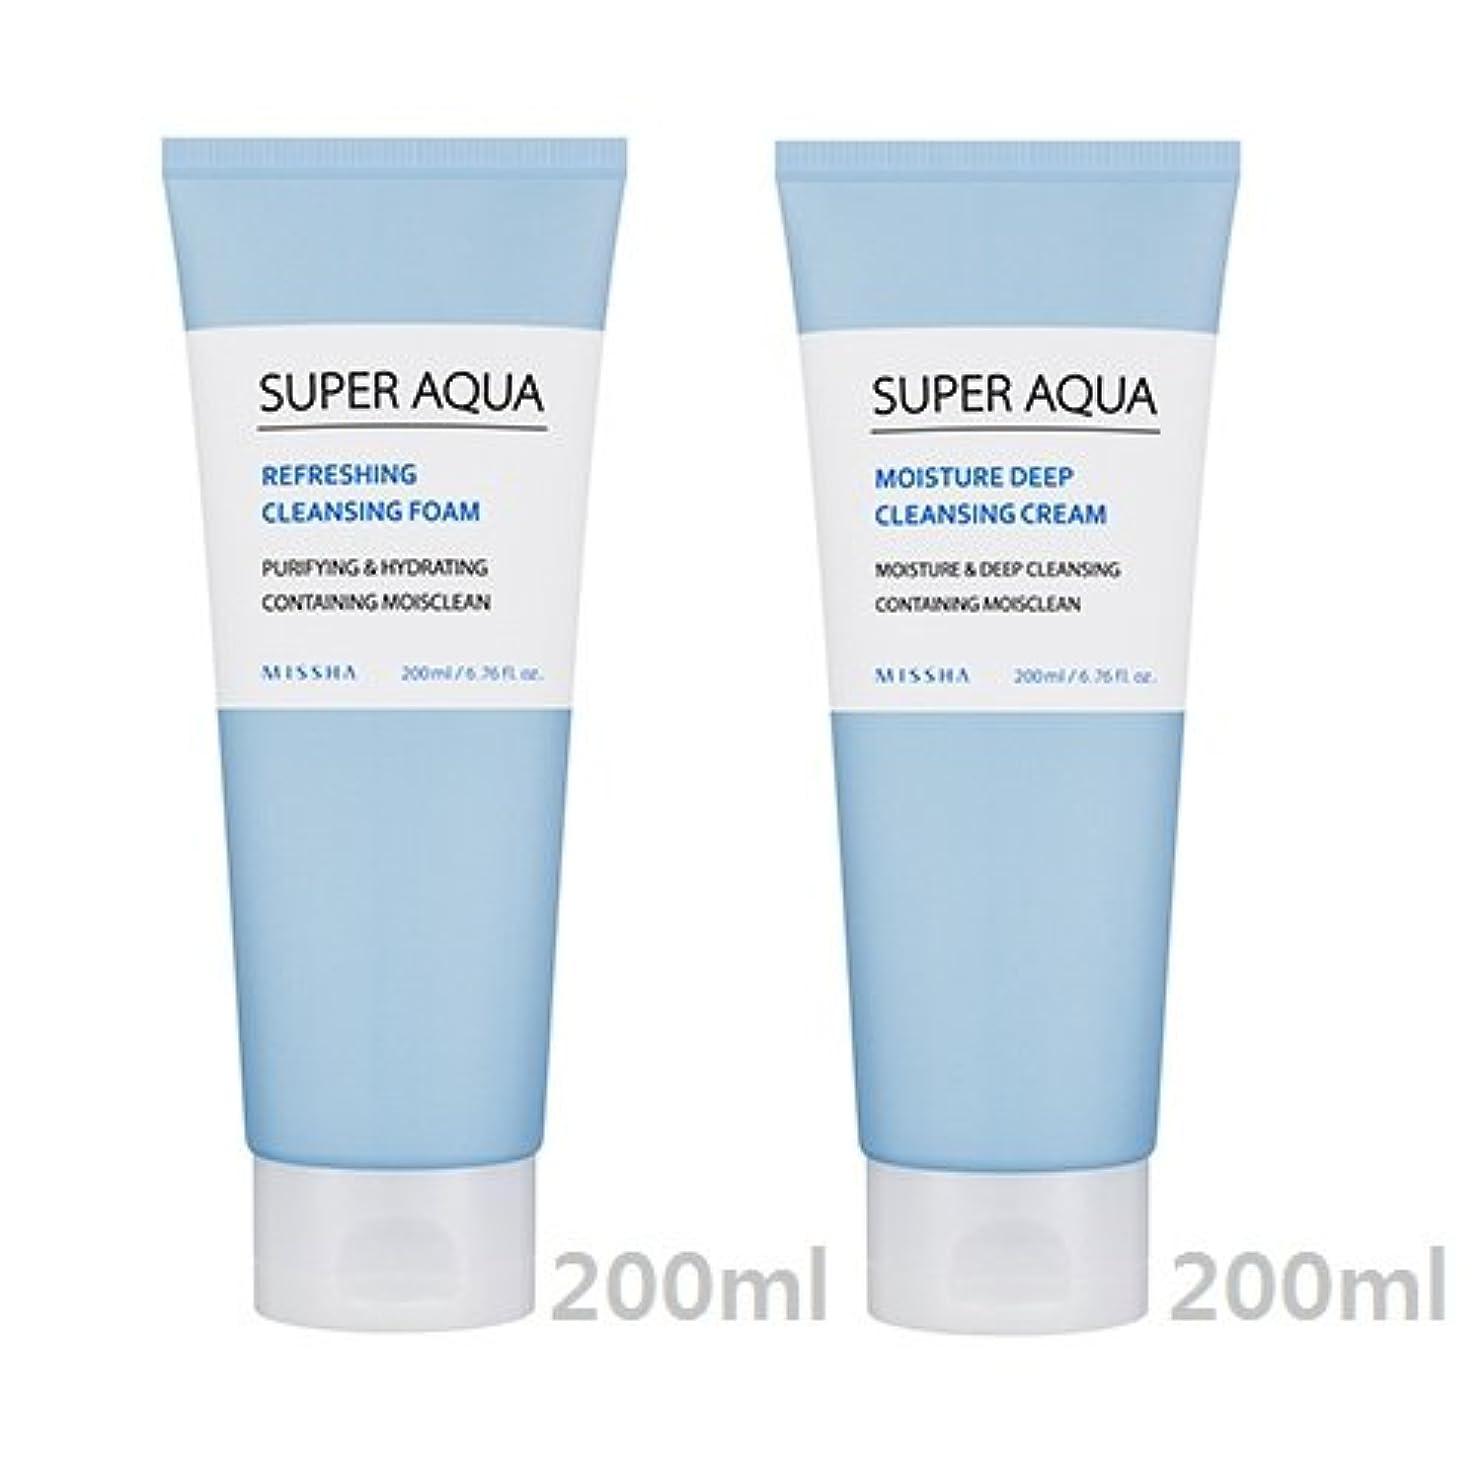 翻訳する展開するポルトガル語[1+1] MISSHA Super Aqua Cleansing Cream + Foam/ミシャ スーパー アクア クレンジング クリーム + フォーム [並行輸入品]